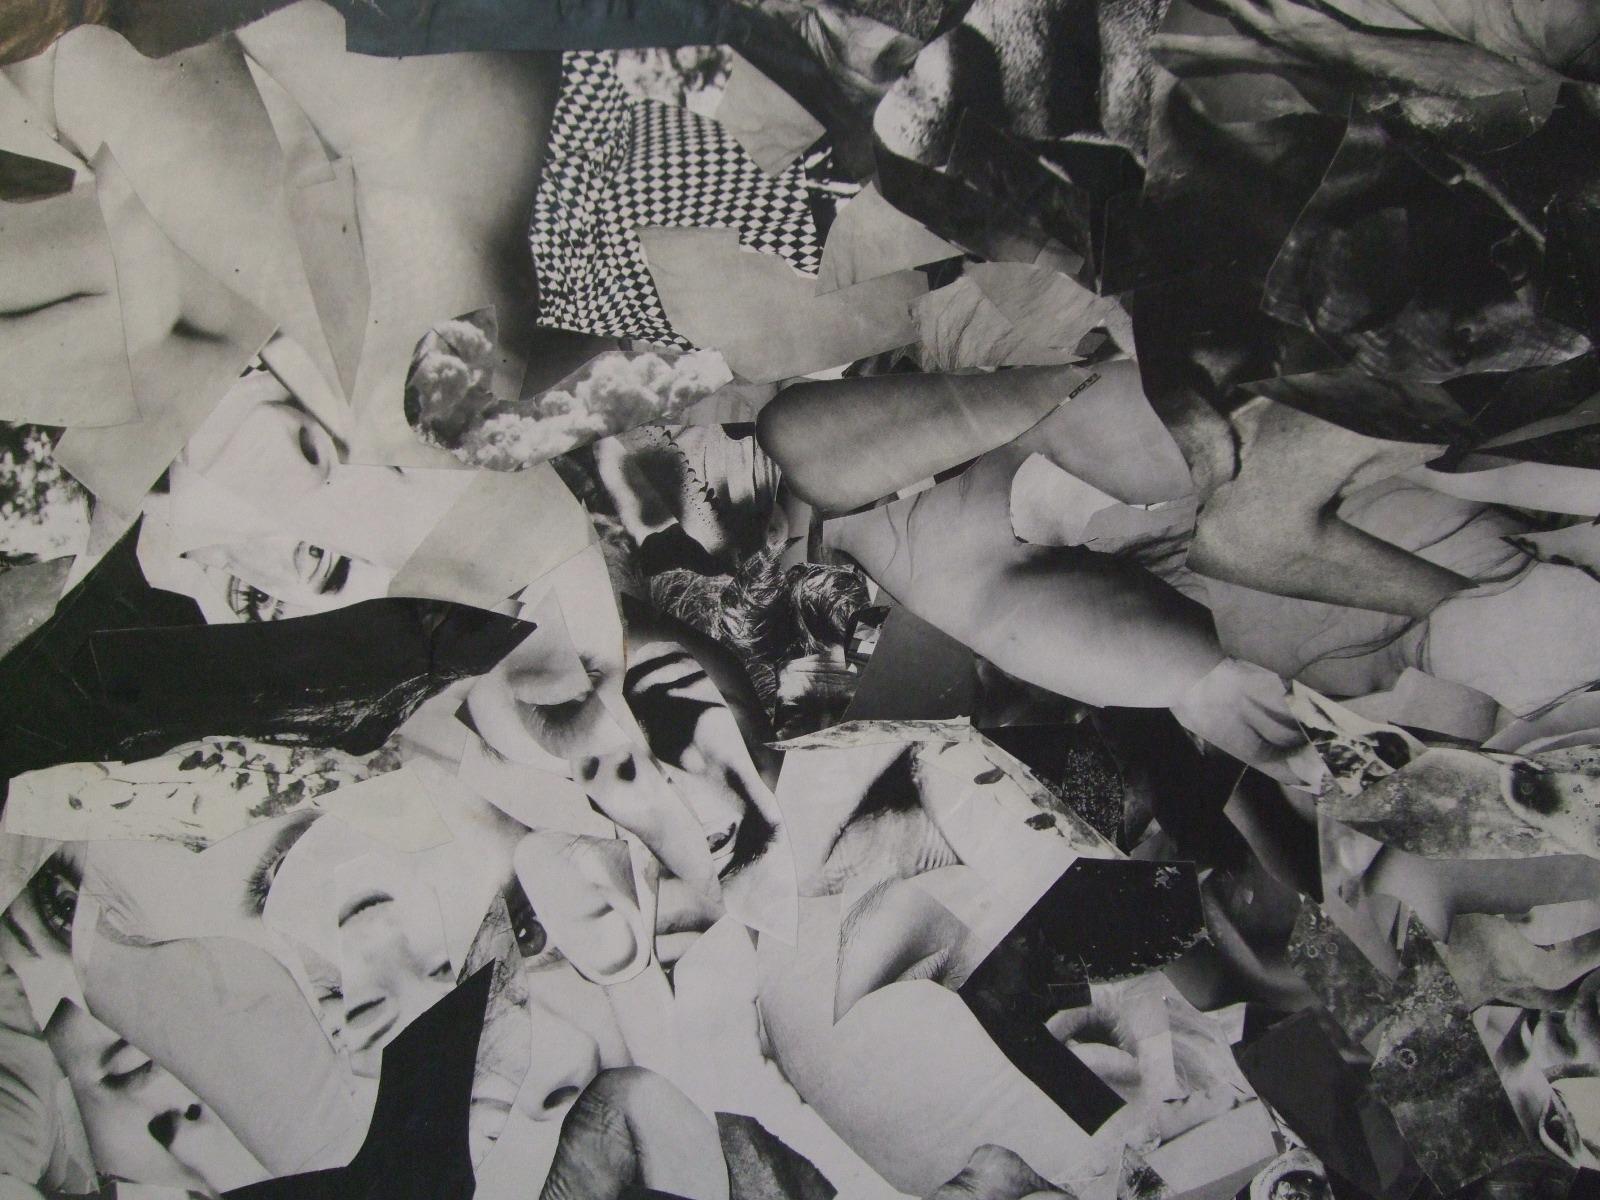 1266) 時計台 「遠藤厚子・永井唱子 二人展」 4月12日(月)~4月17日(土)   _f0126829_20434734.jpg